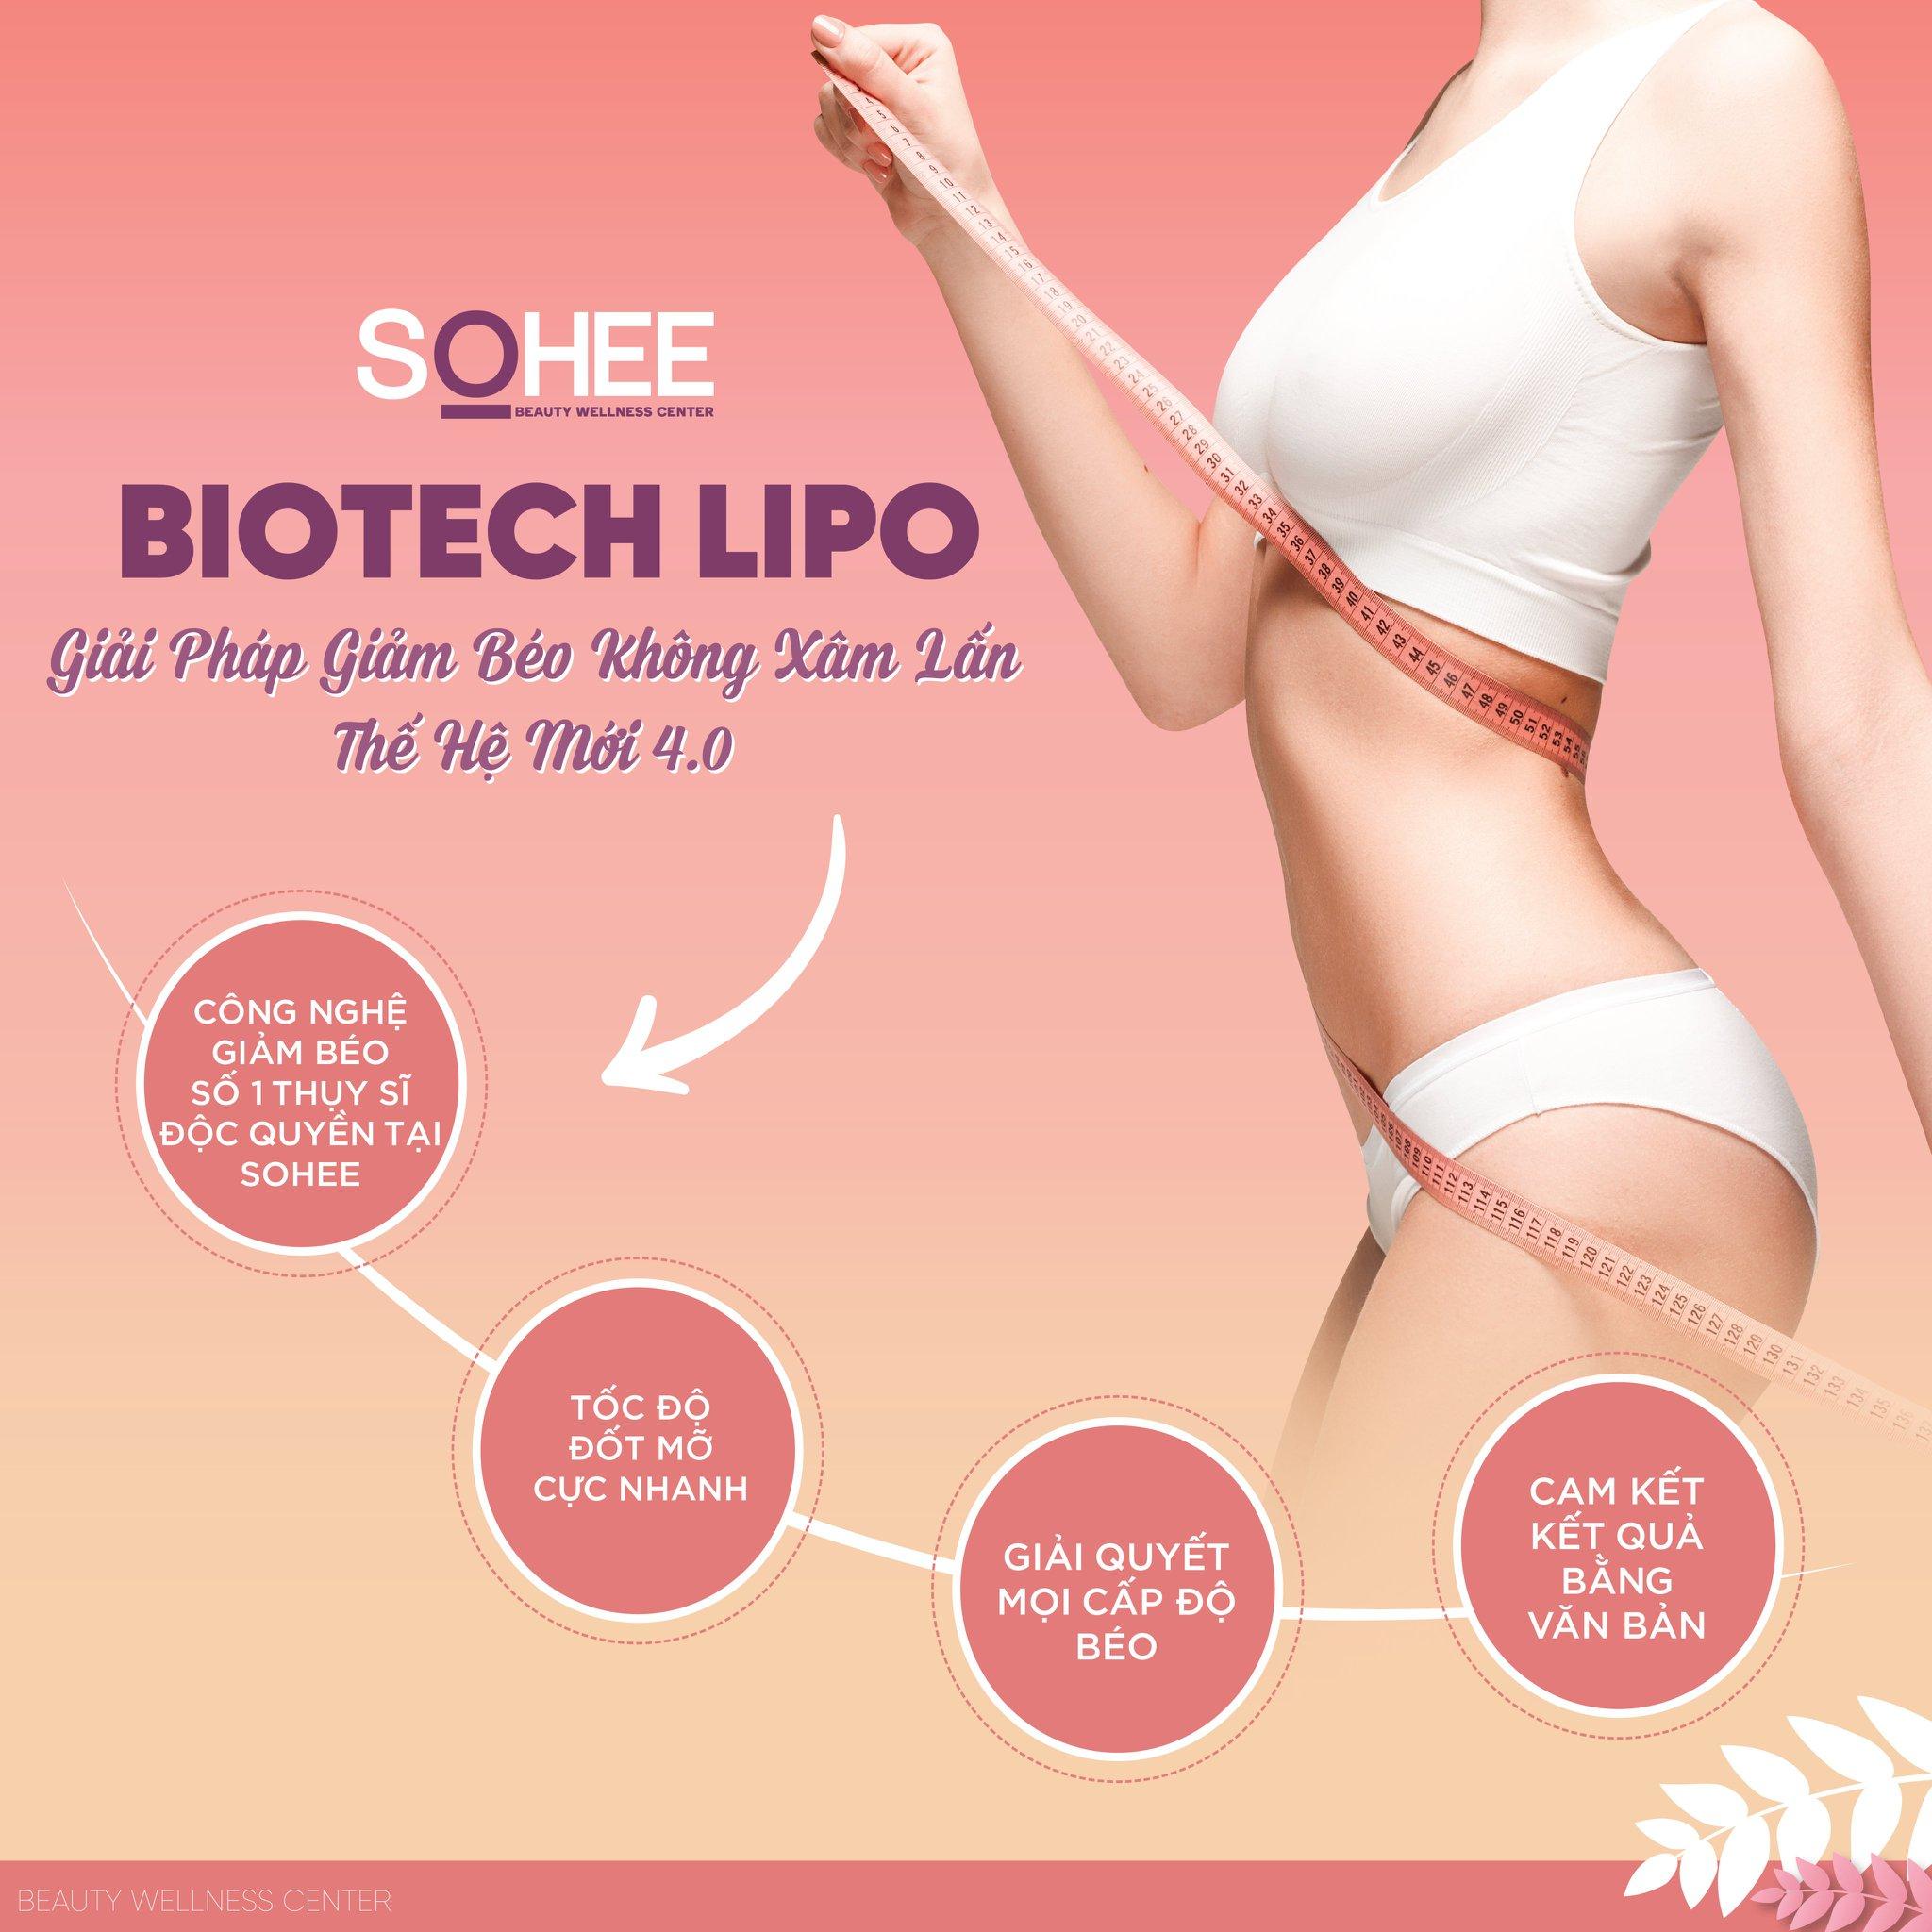 công nghệ giảm béo Biotech